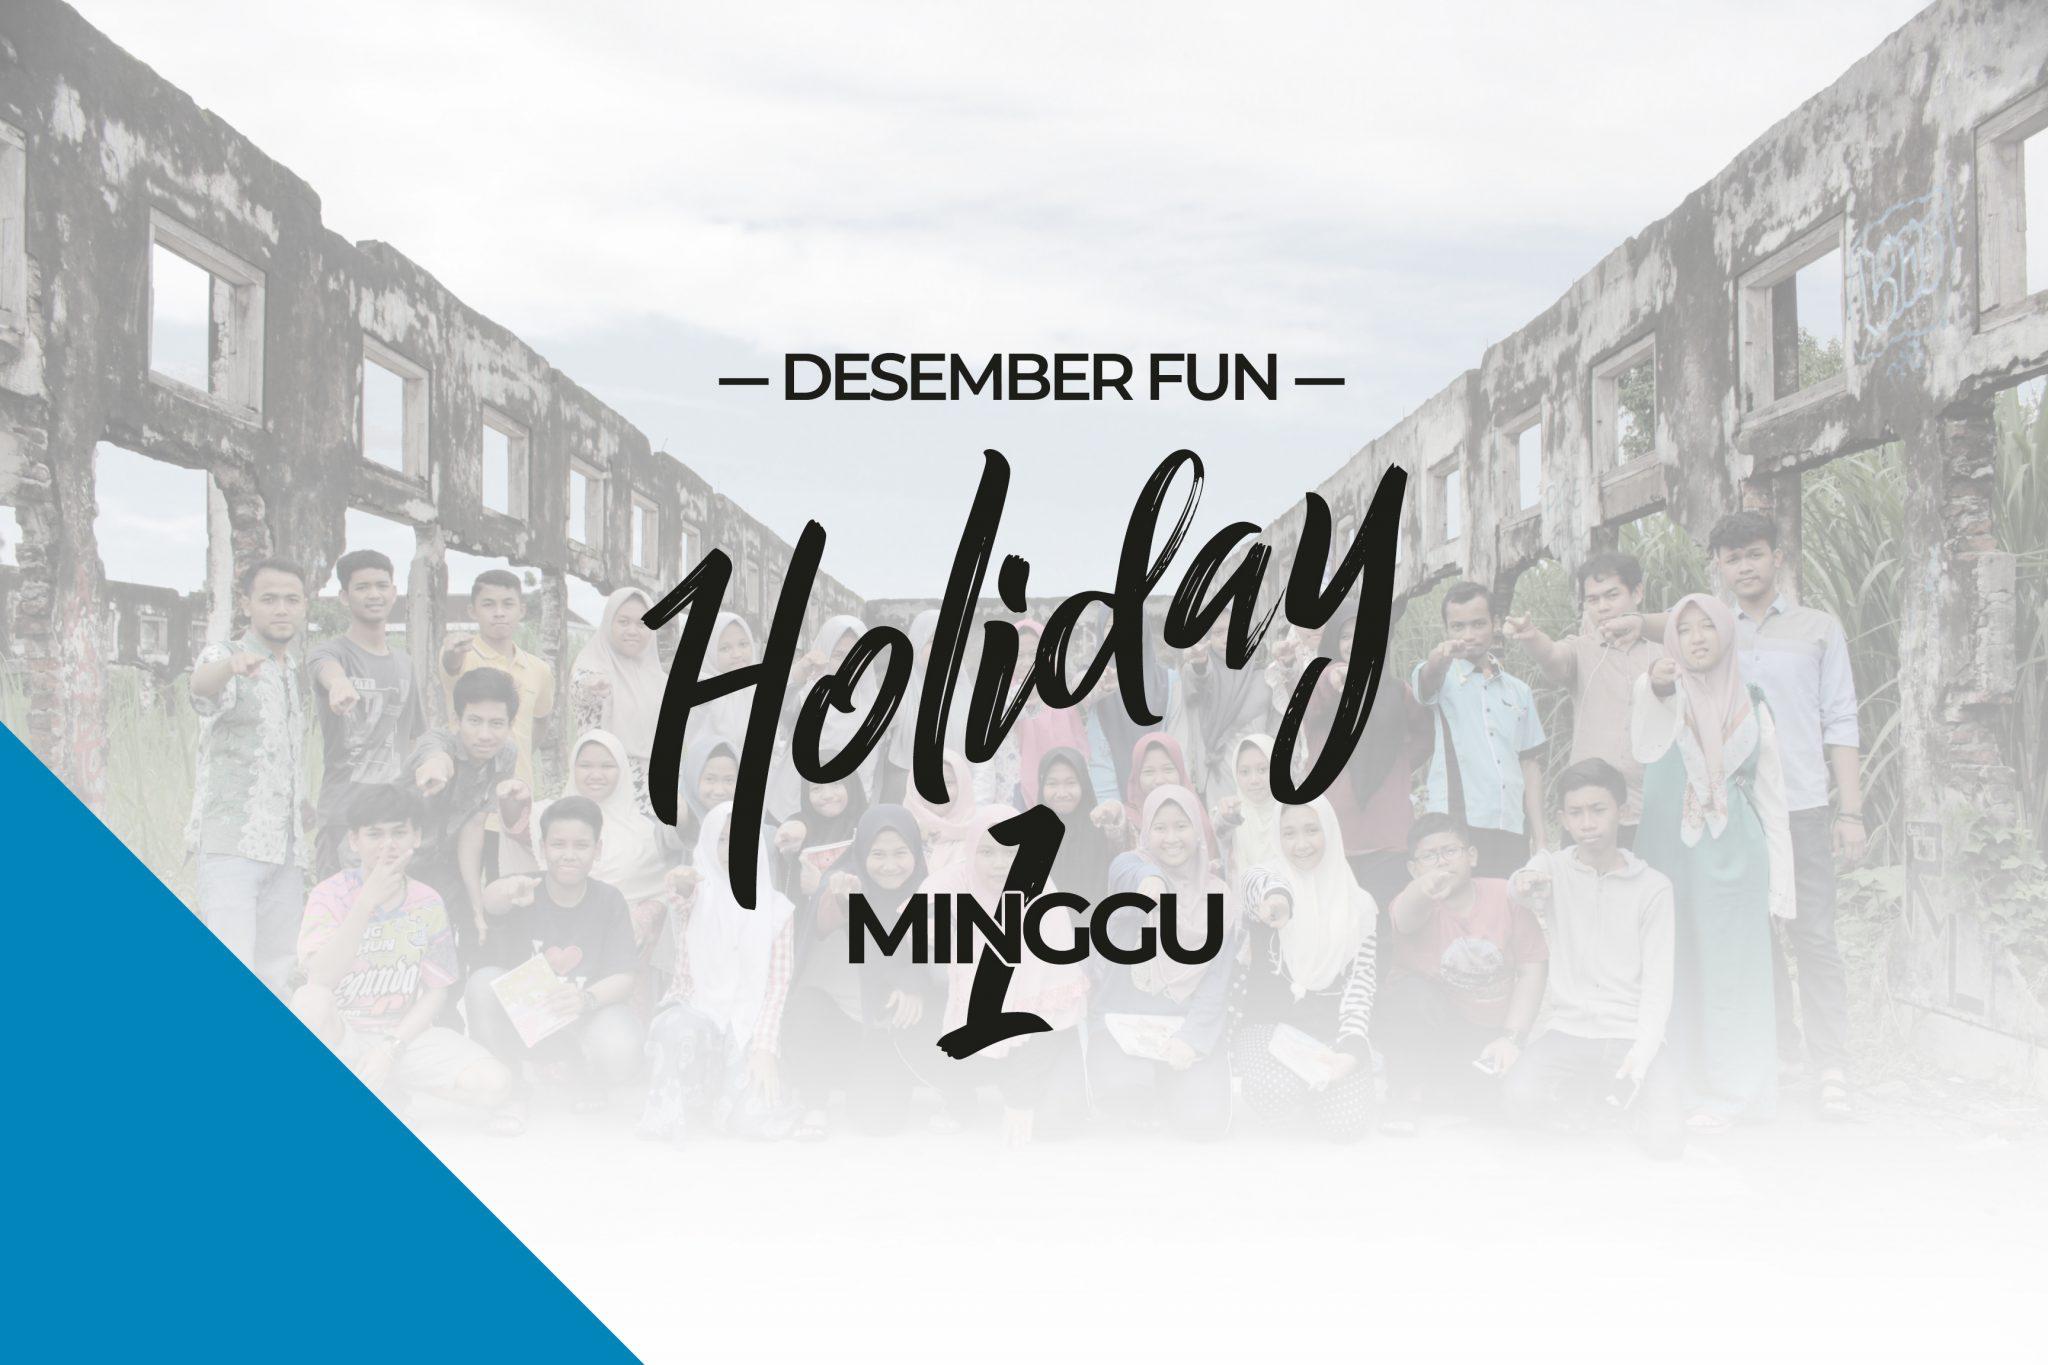 Desember Fun Holiday 1 Minggu